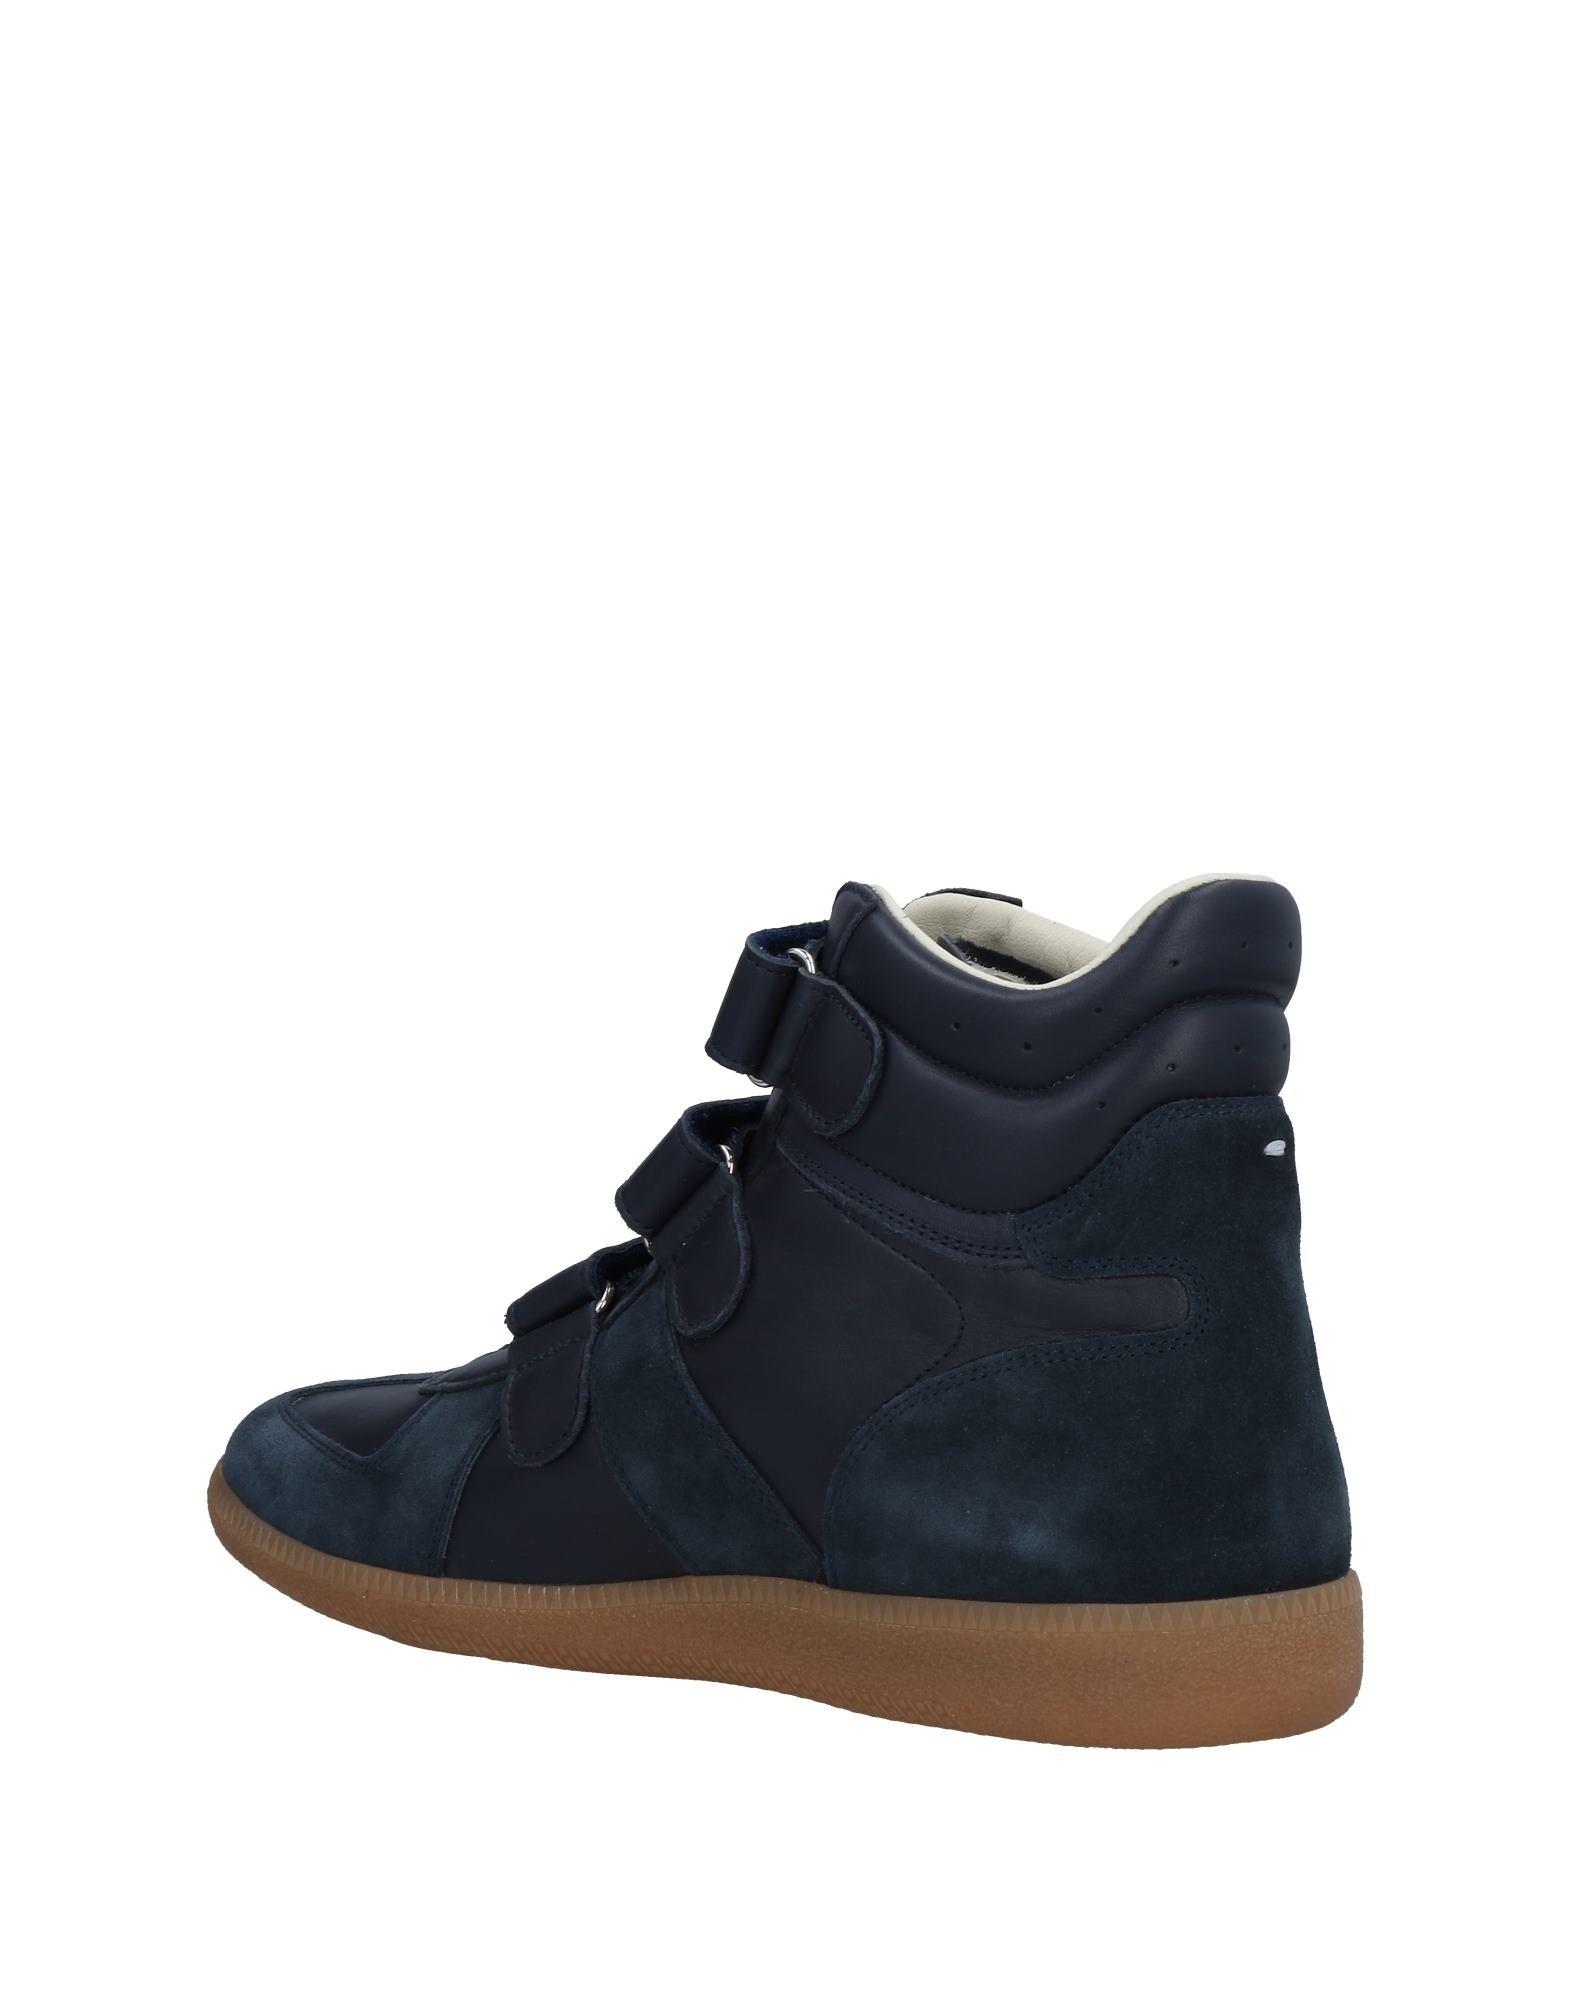 Maison Margiela Margiela Maison Sneakers Herren  11471978VR fb63aa